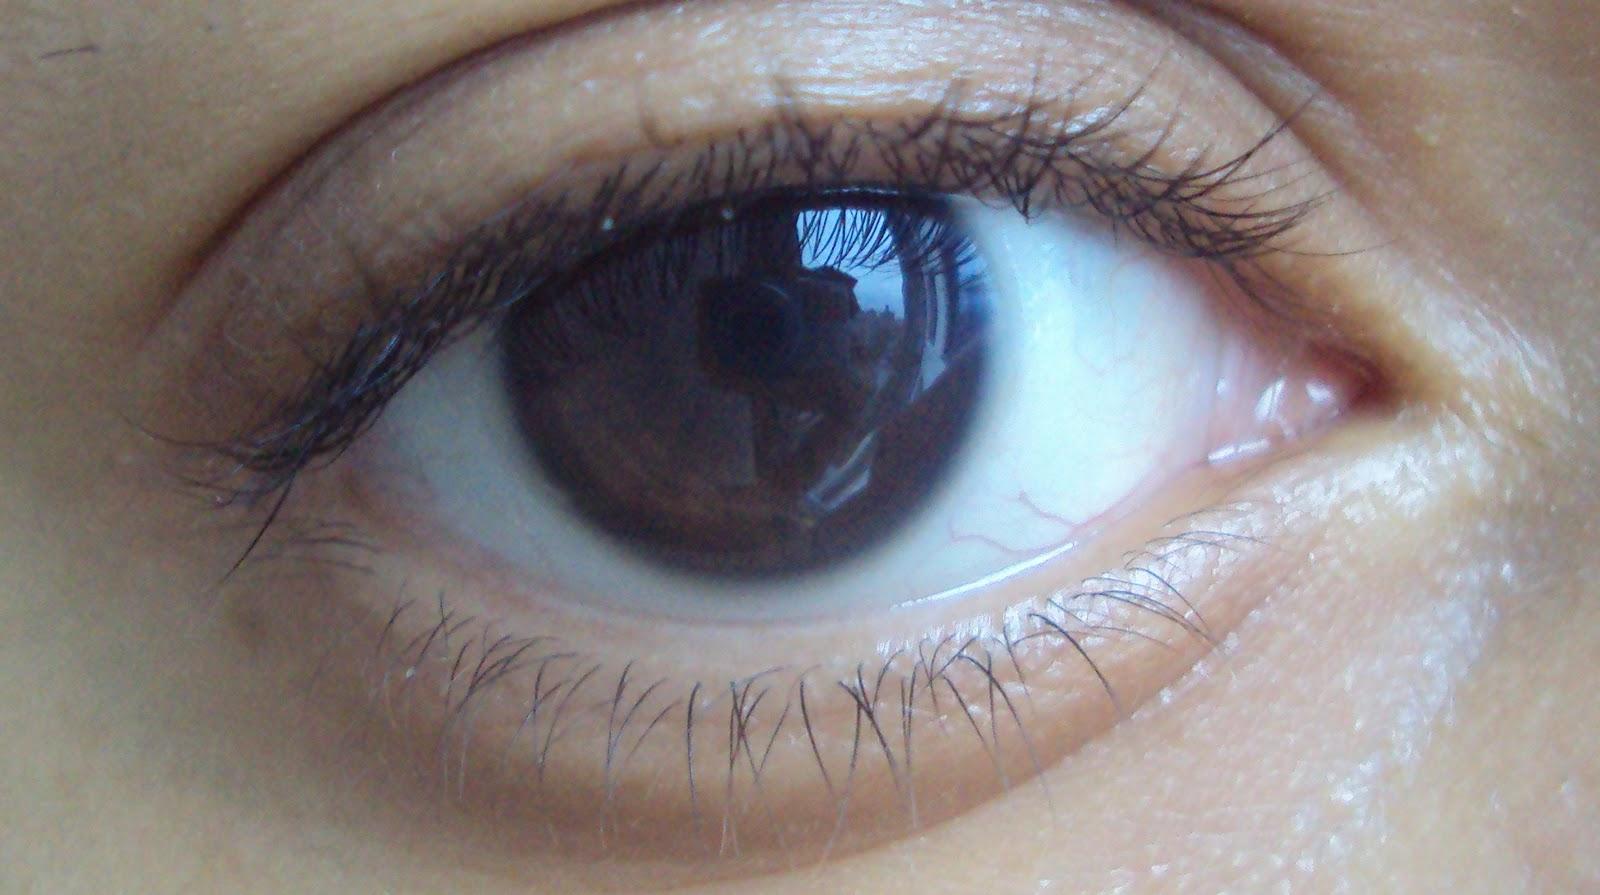 http://3.bp.blogspot.com/_1yUTJlWJ-7U/TMra5hlMECI/AAAAAAAABP8/bs0OARNLII8/s1600/naked+eye.jpg